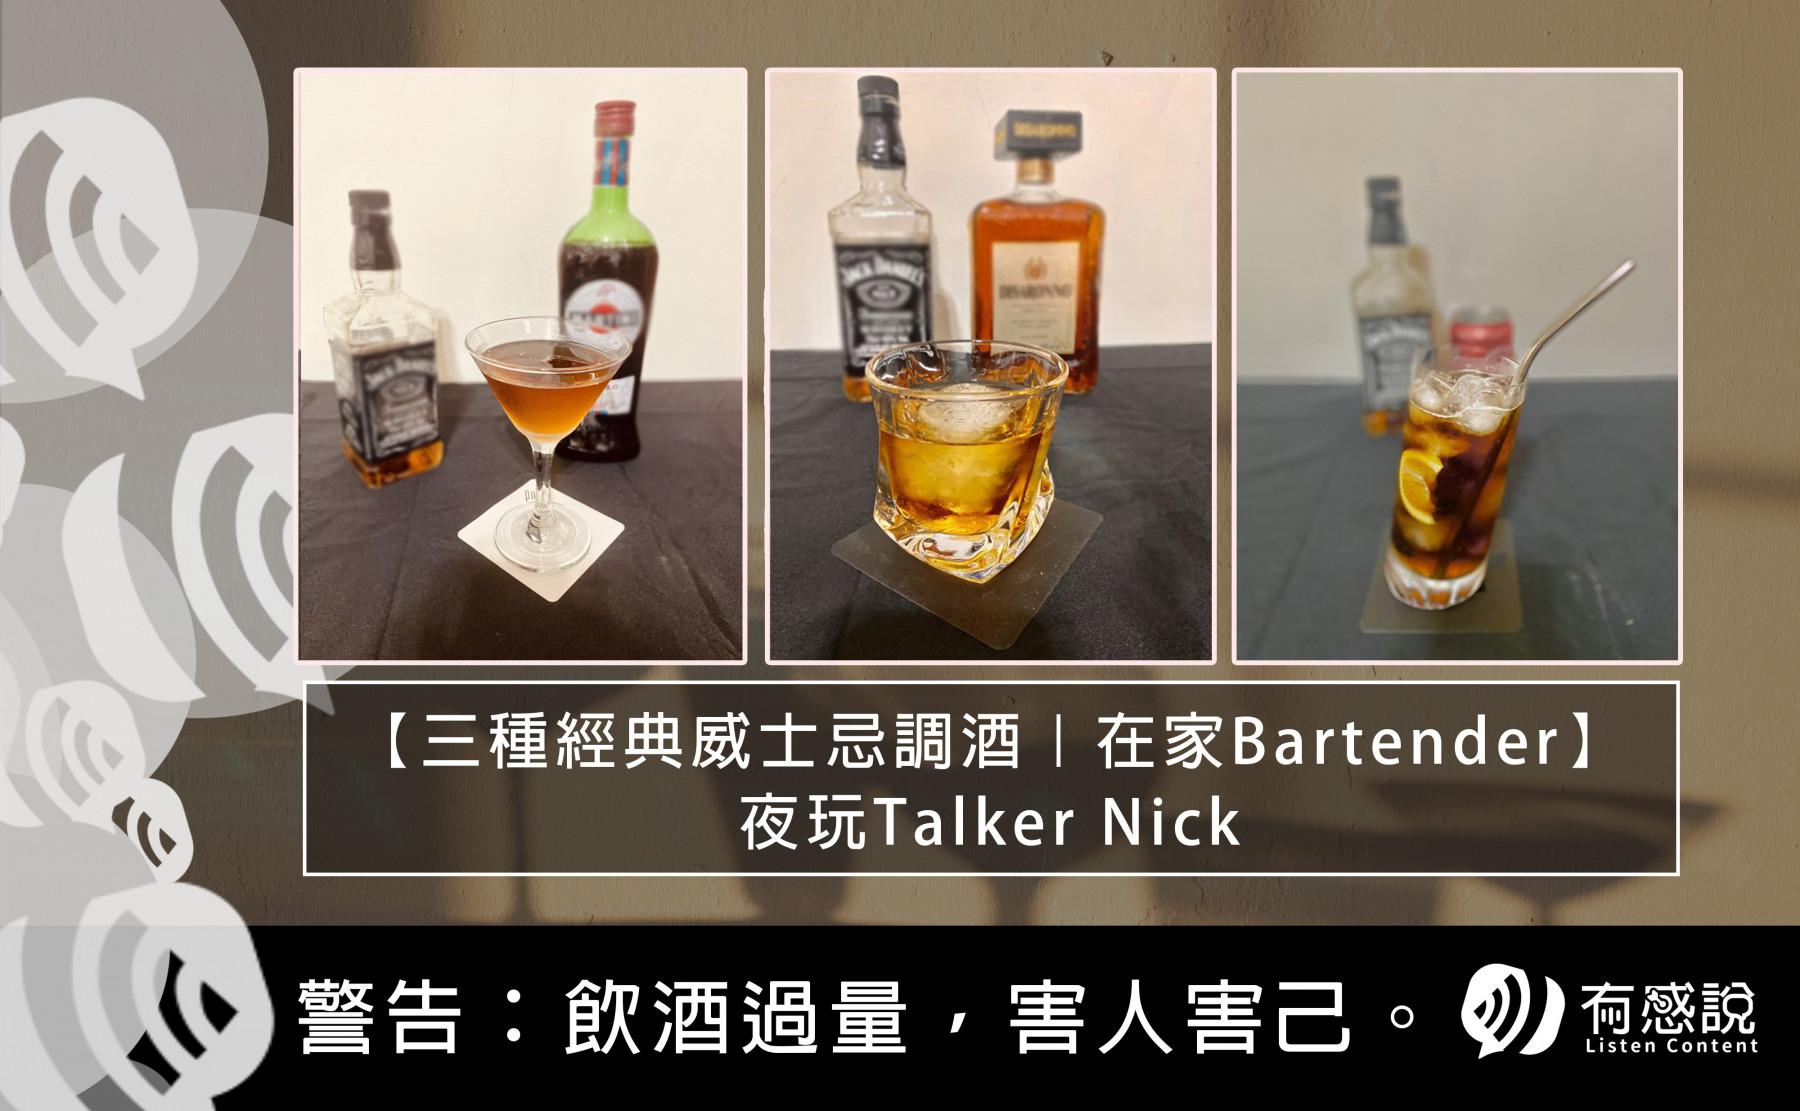 【三種經典威士忌調酒|在家Bartender】不能出去喝?Nick帶你自己調出威士忌好品味